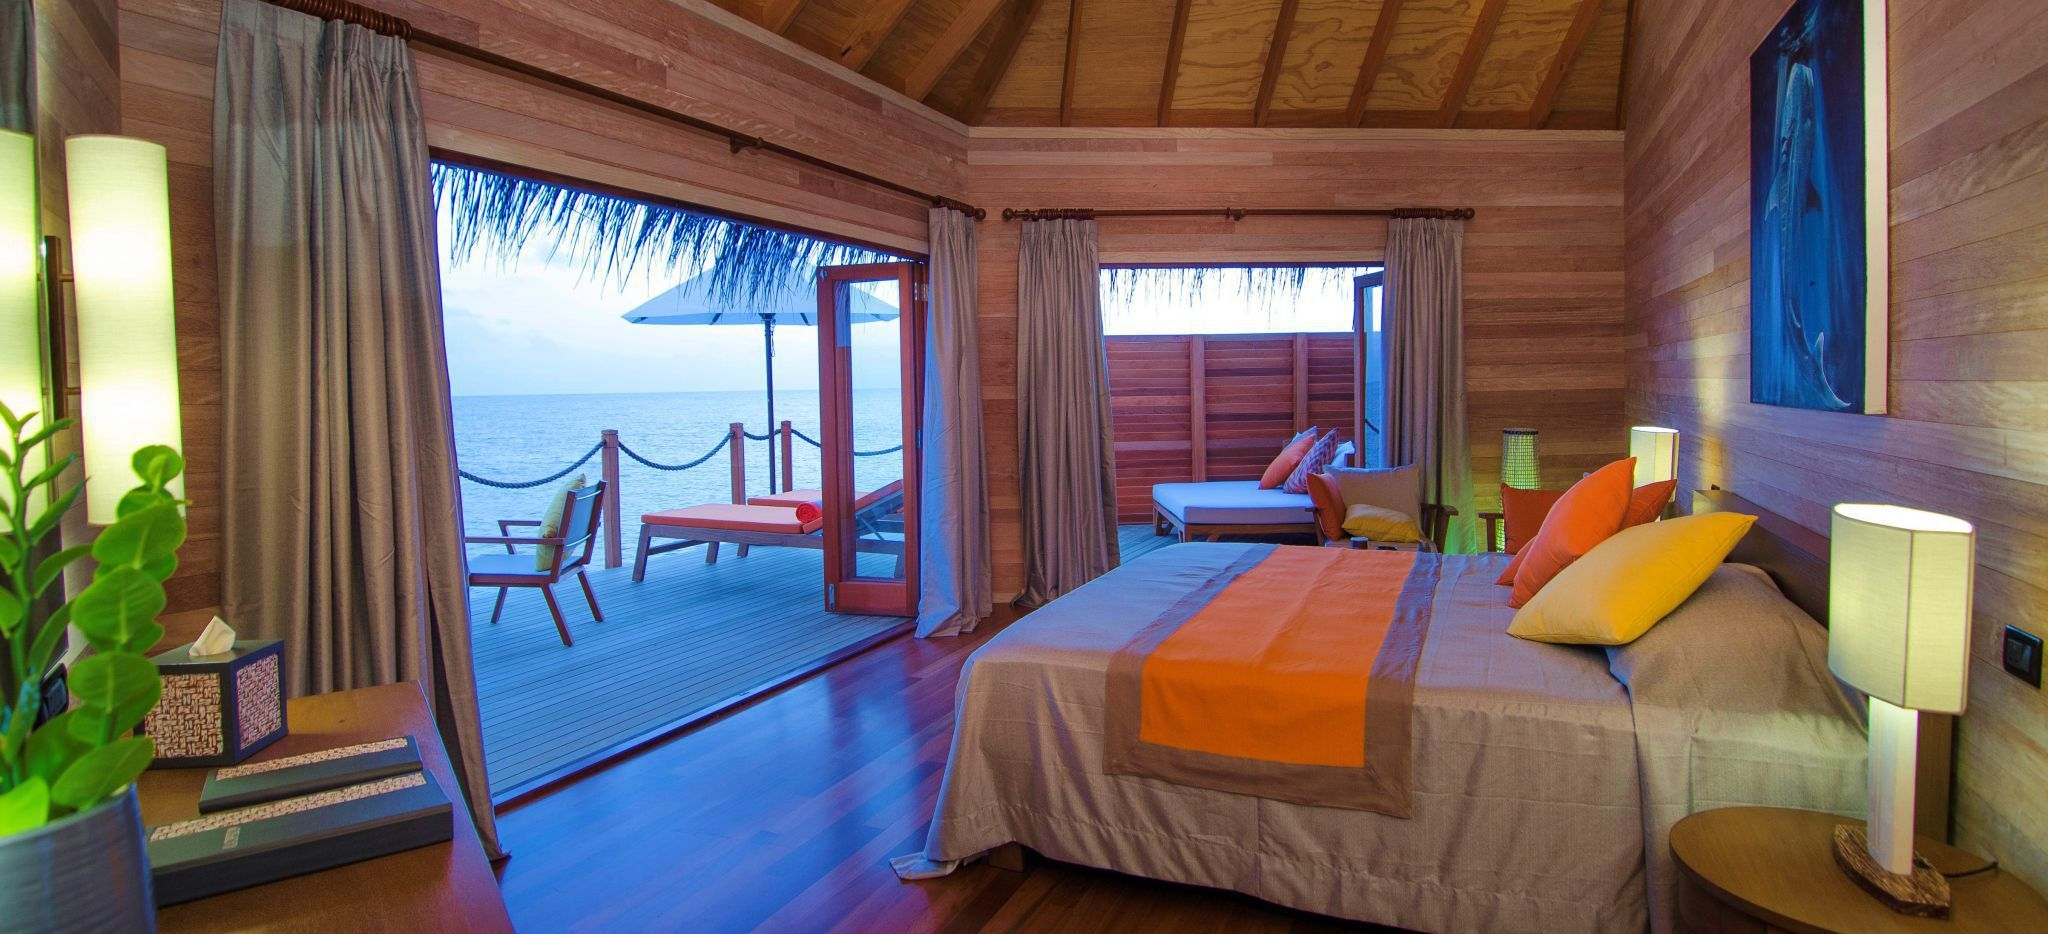 Ein Schlafzimmer aus hellem Holz und viel Orange, mit Blick auf die Lagune der Malediveninsel Mirihi über eine Terrasse